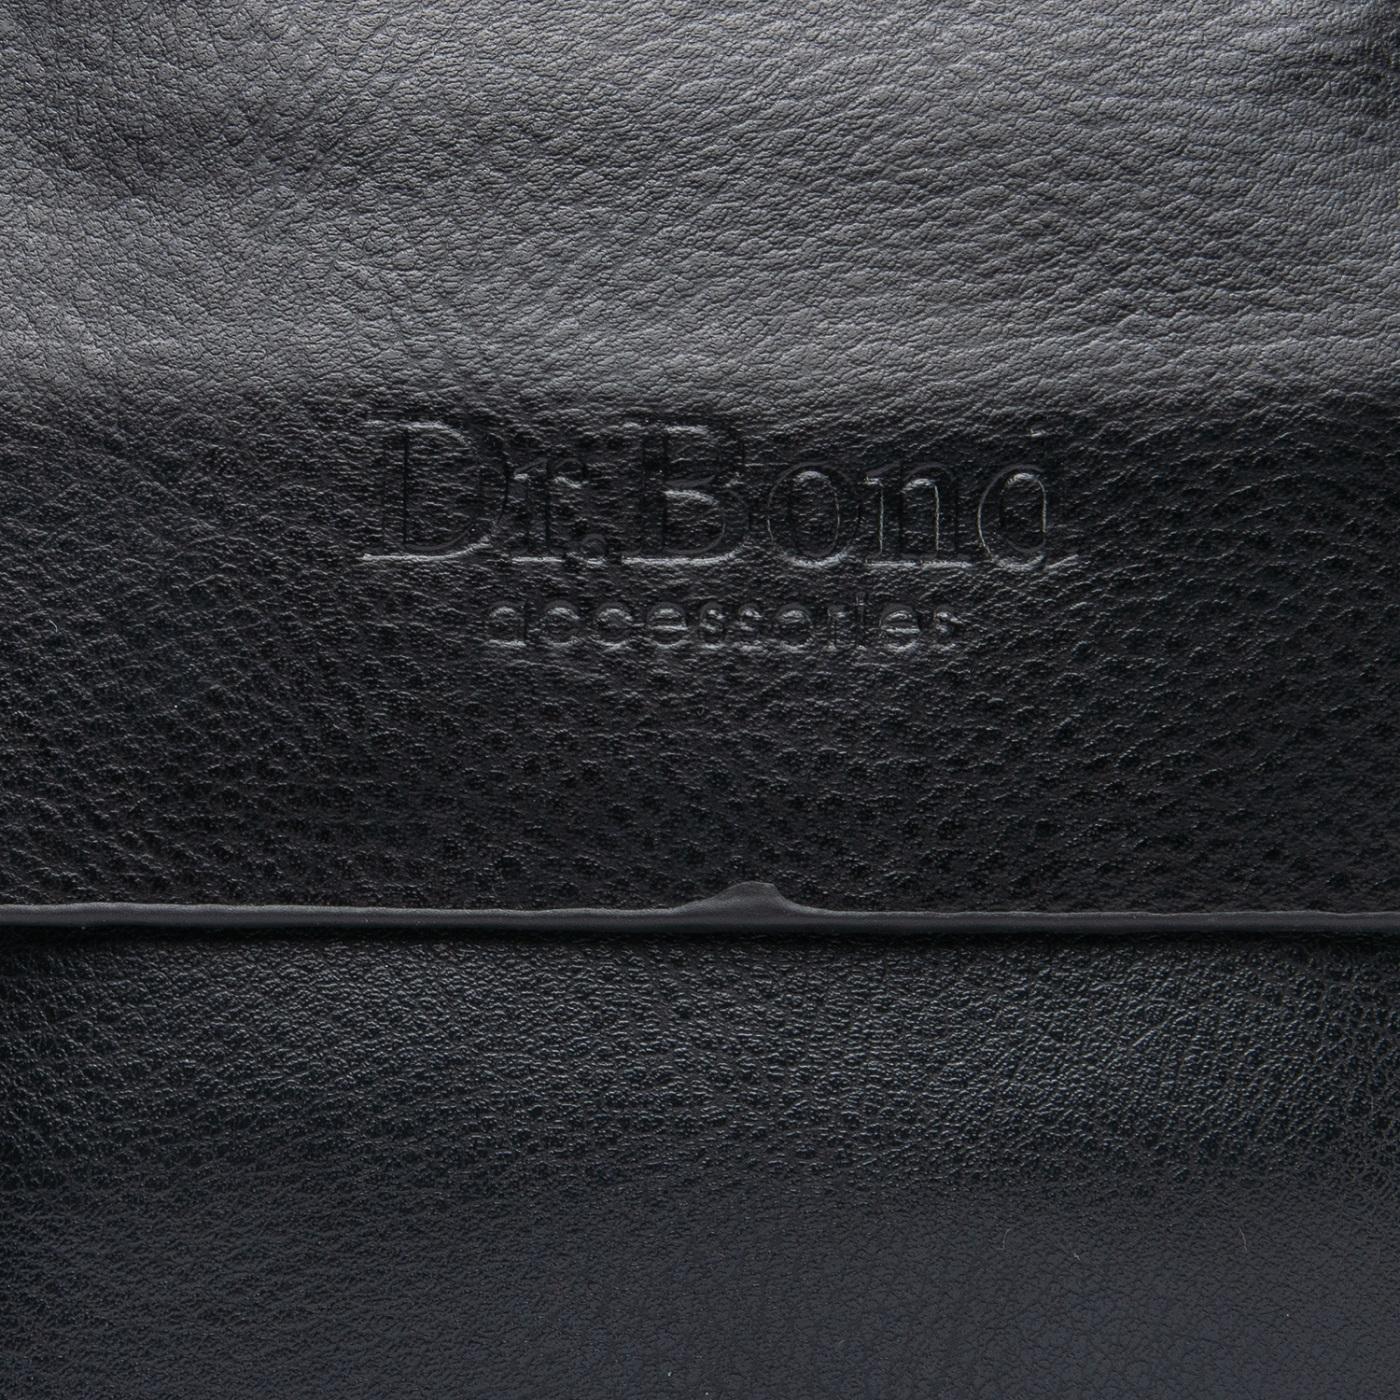 Сумка Мужская Планшет иск-кожа DR. BOND GL 308-0 black - фото 3